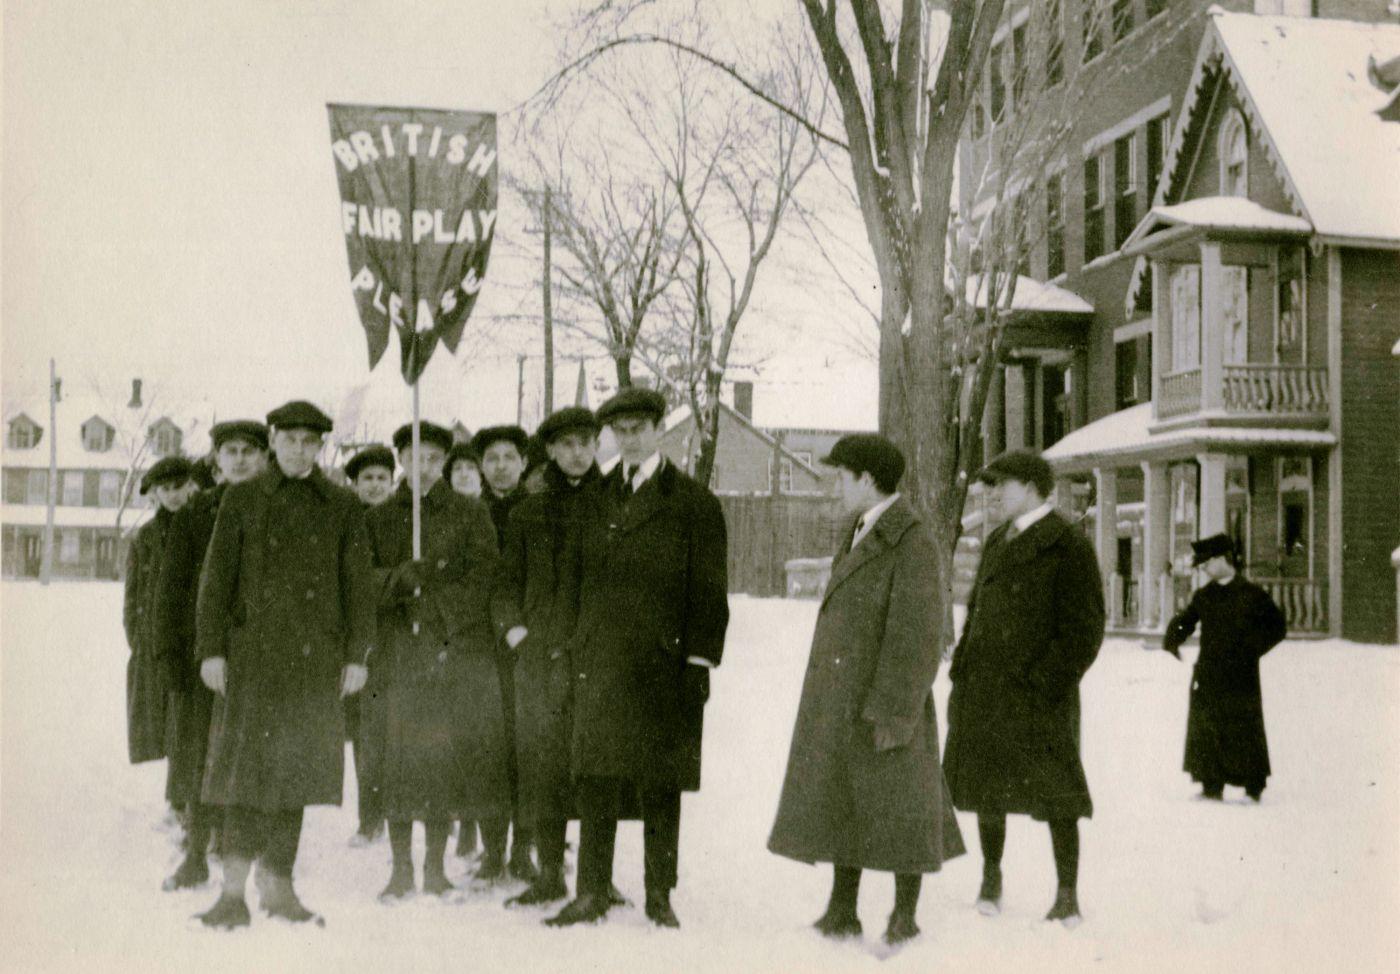 Manifestation des instituteurs contre le Règlement XVII, devant l'école Brébeuf et square Anglesea dans la basse-ville d'Ottawa, février 1916.